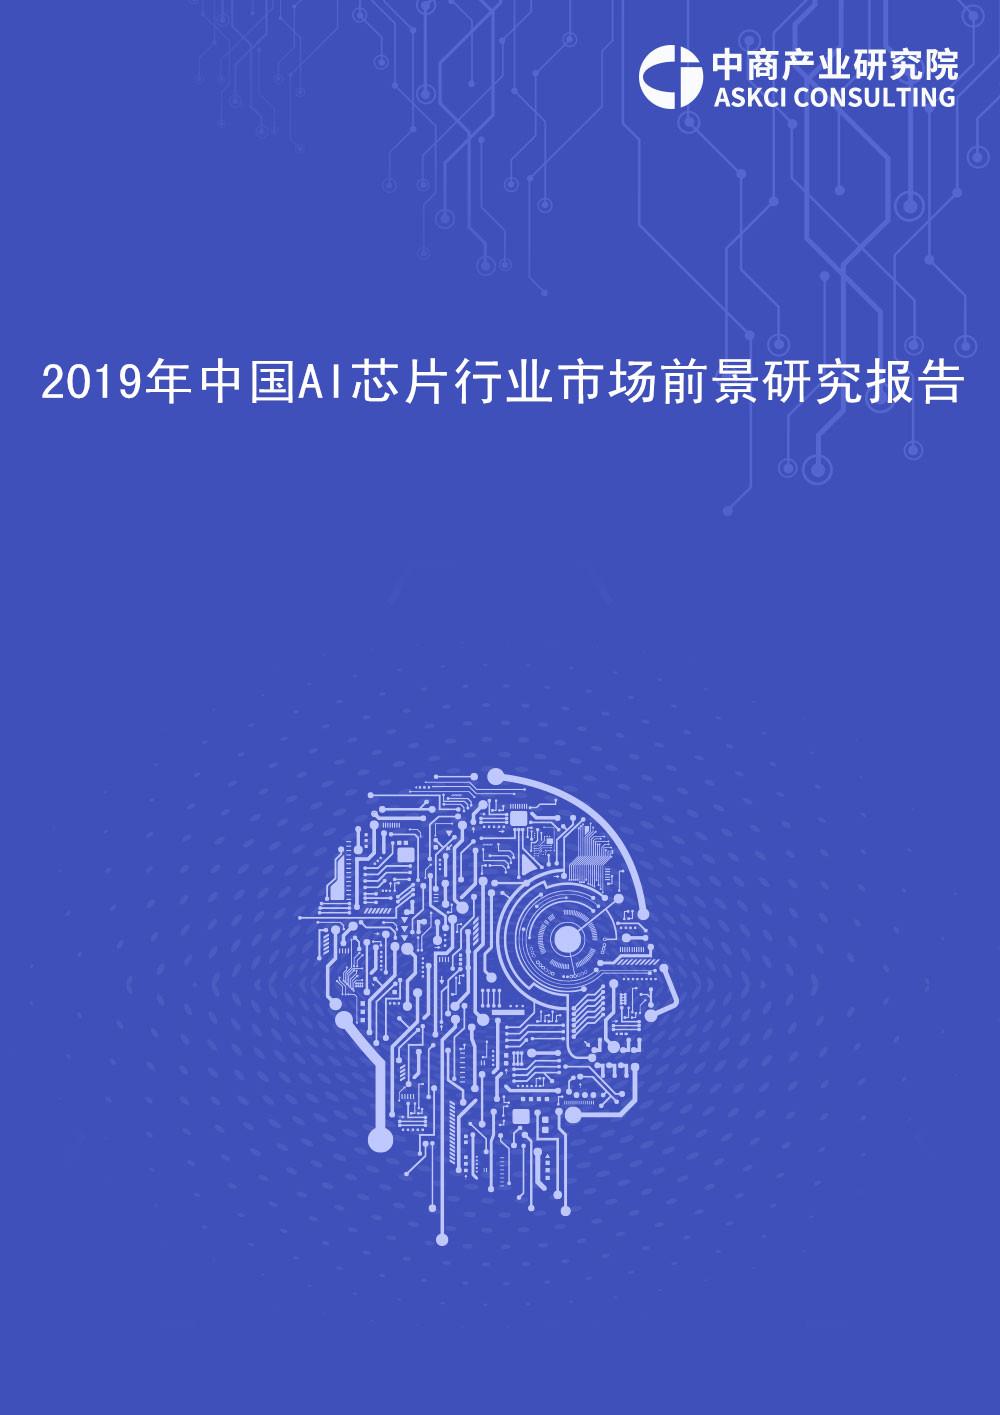 2019年中国人工智能芯片行业市场前景研究报告